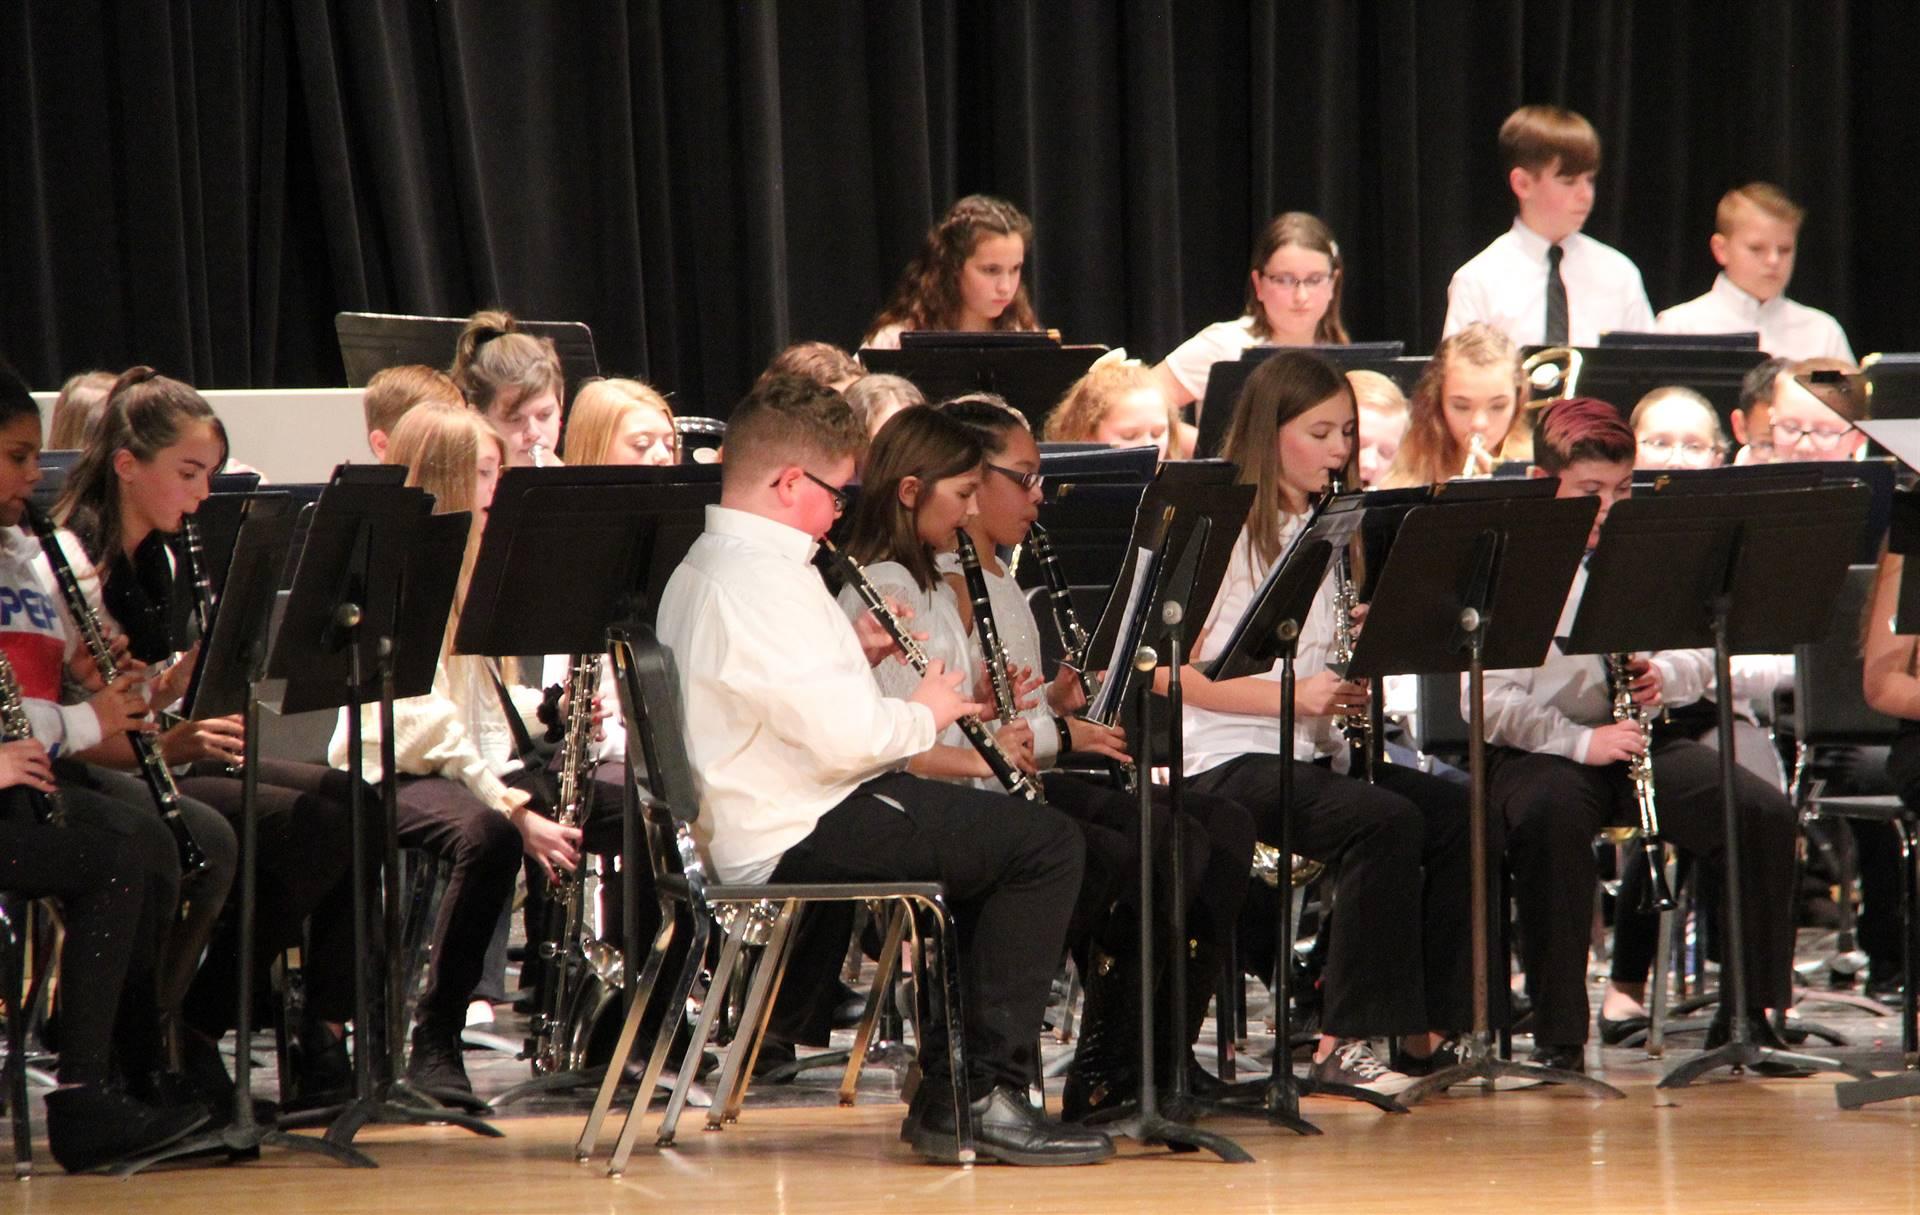 medium shot of sixth grade band performing